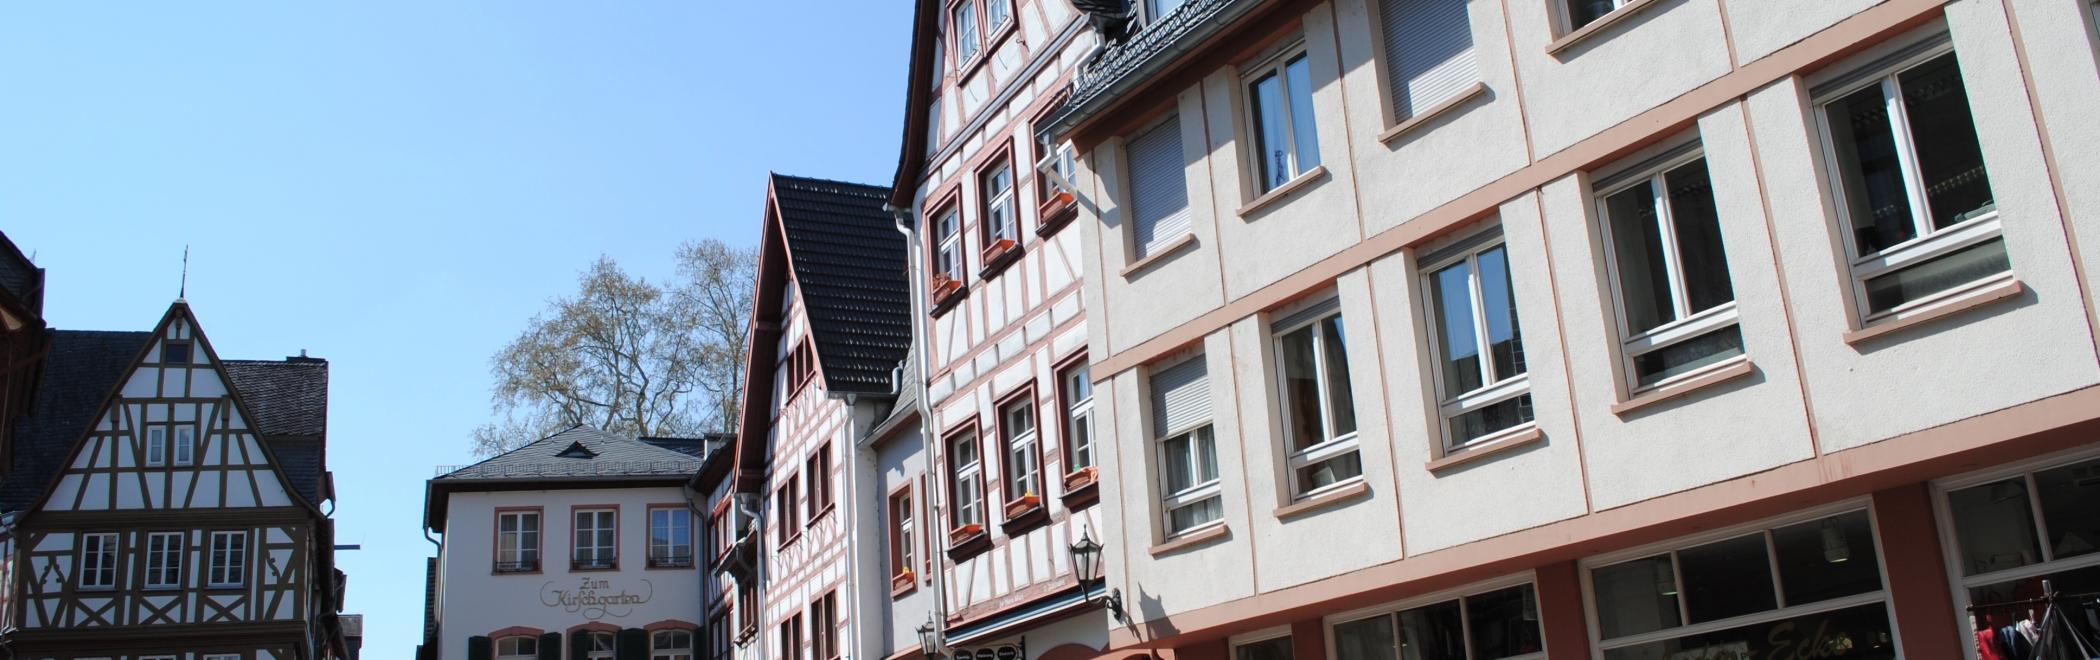 Rhein Dom Kirschgarten